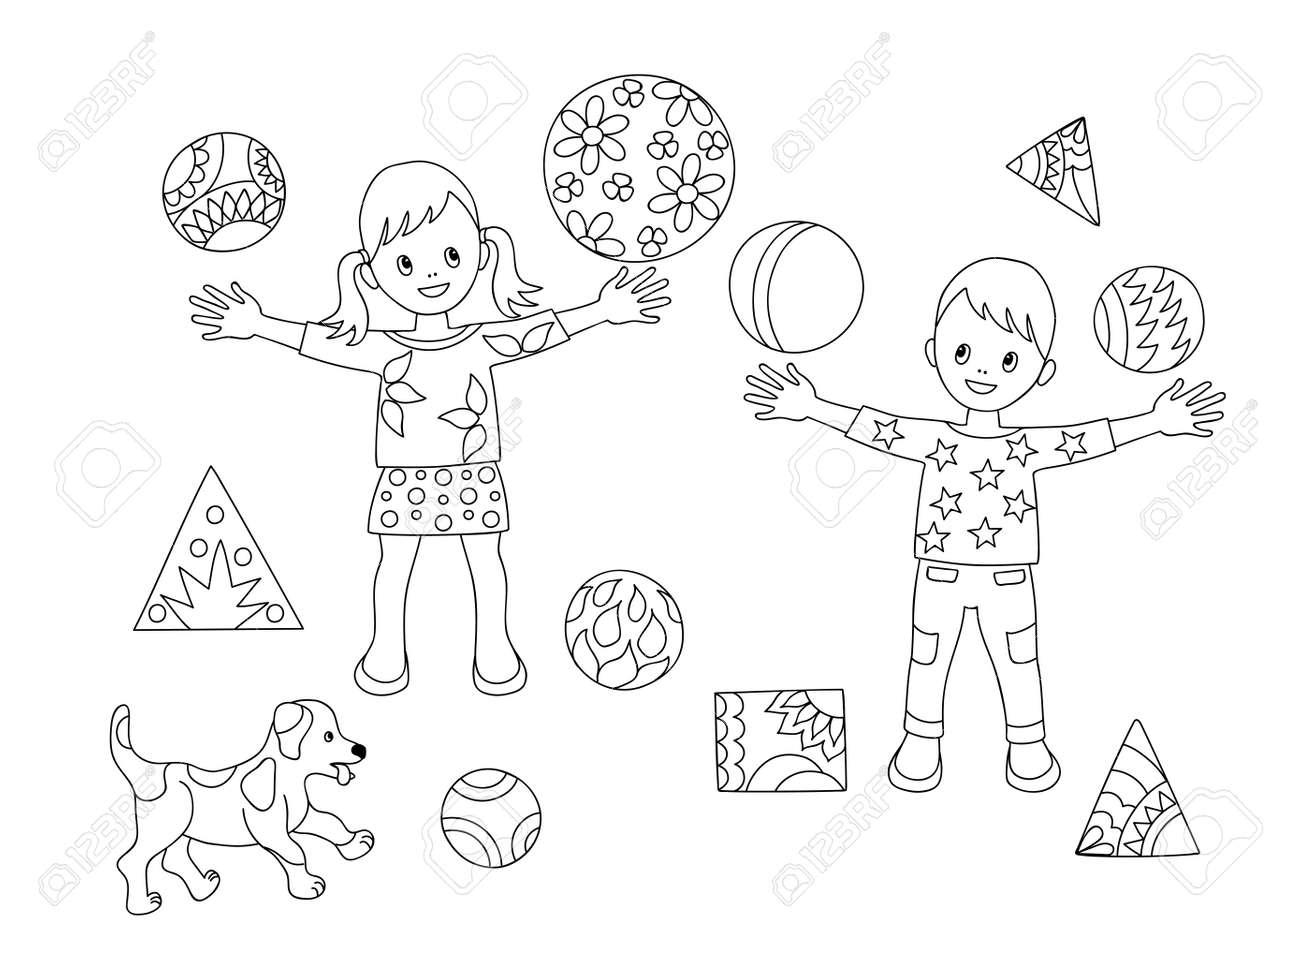 Página Para Colorear Con Dibujos Animados Jugando Niños Y Cachorro ...